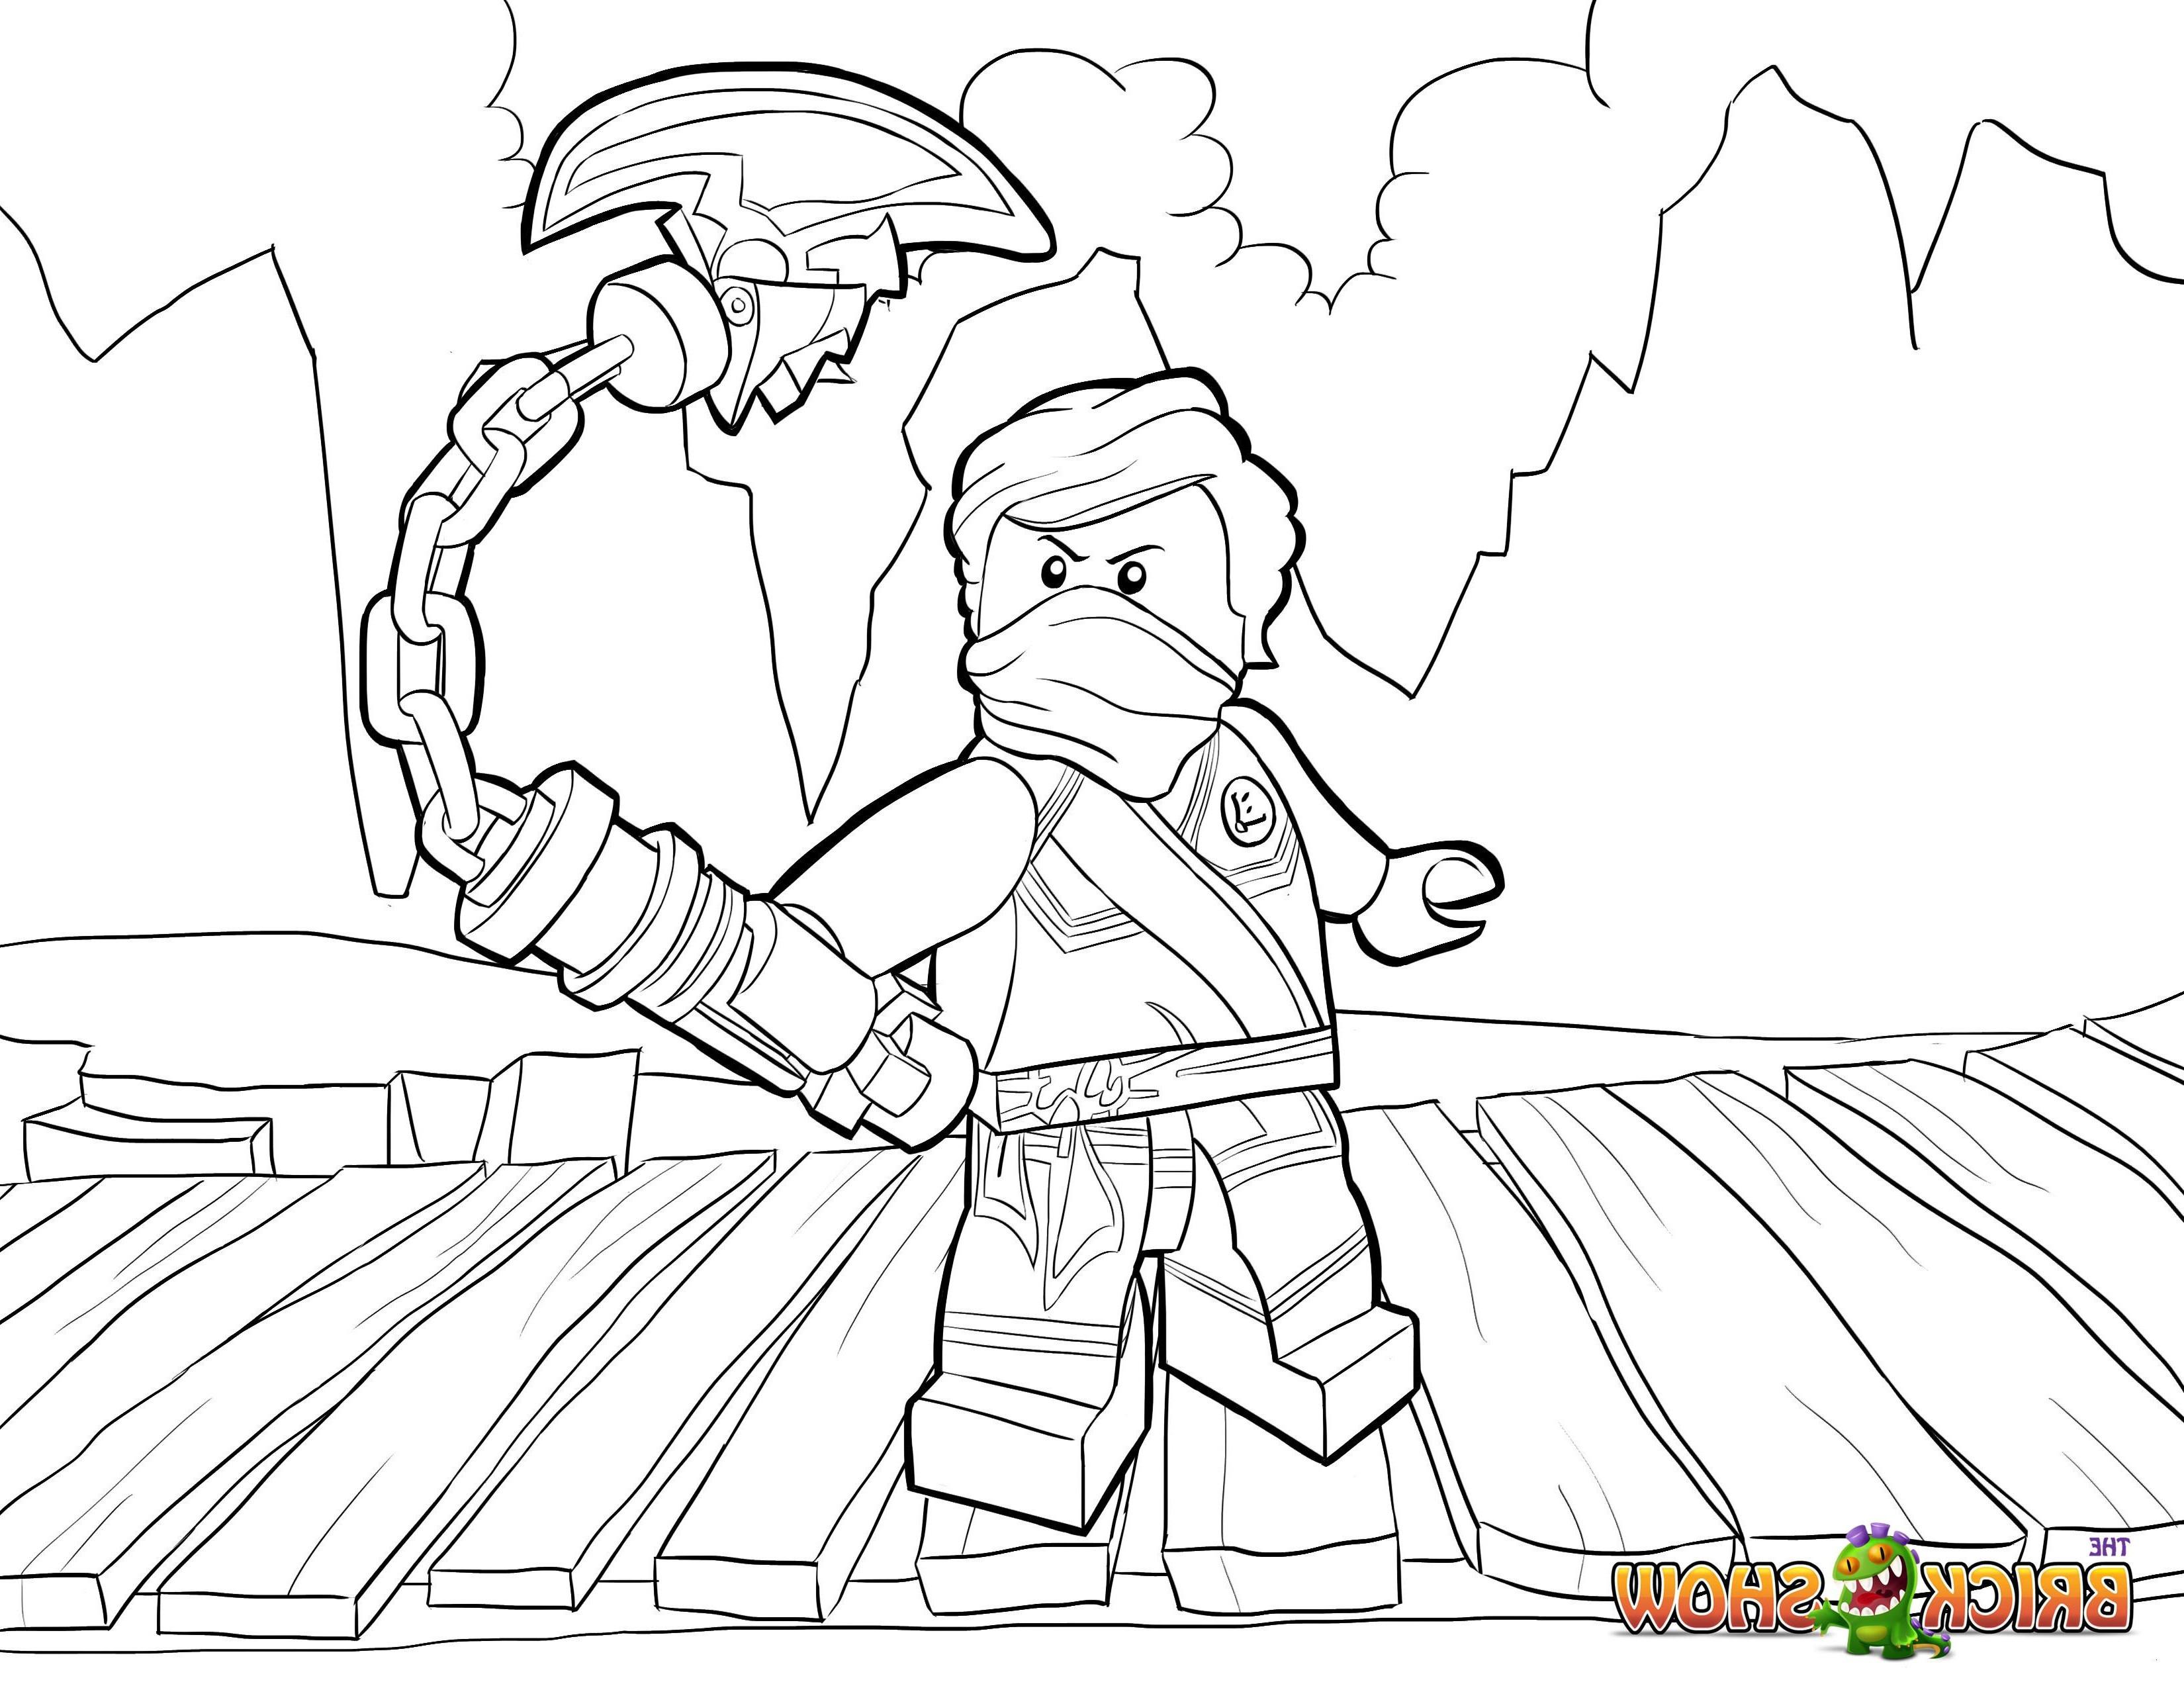 Ninjago Ausmalbilder Lord Garmadon Genial 30 Lecker Ninjago Morro Ausmalbilder – Malvorlagen Ideen Bilder